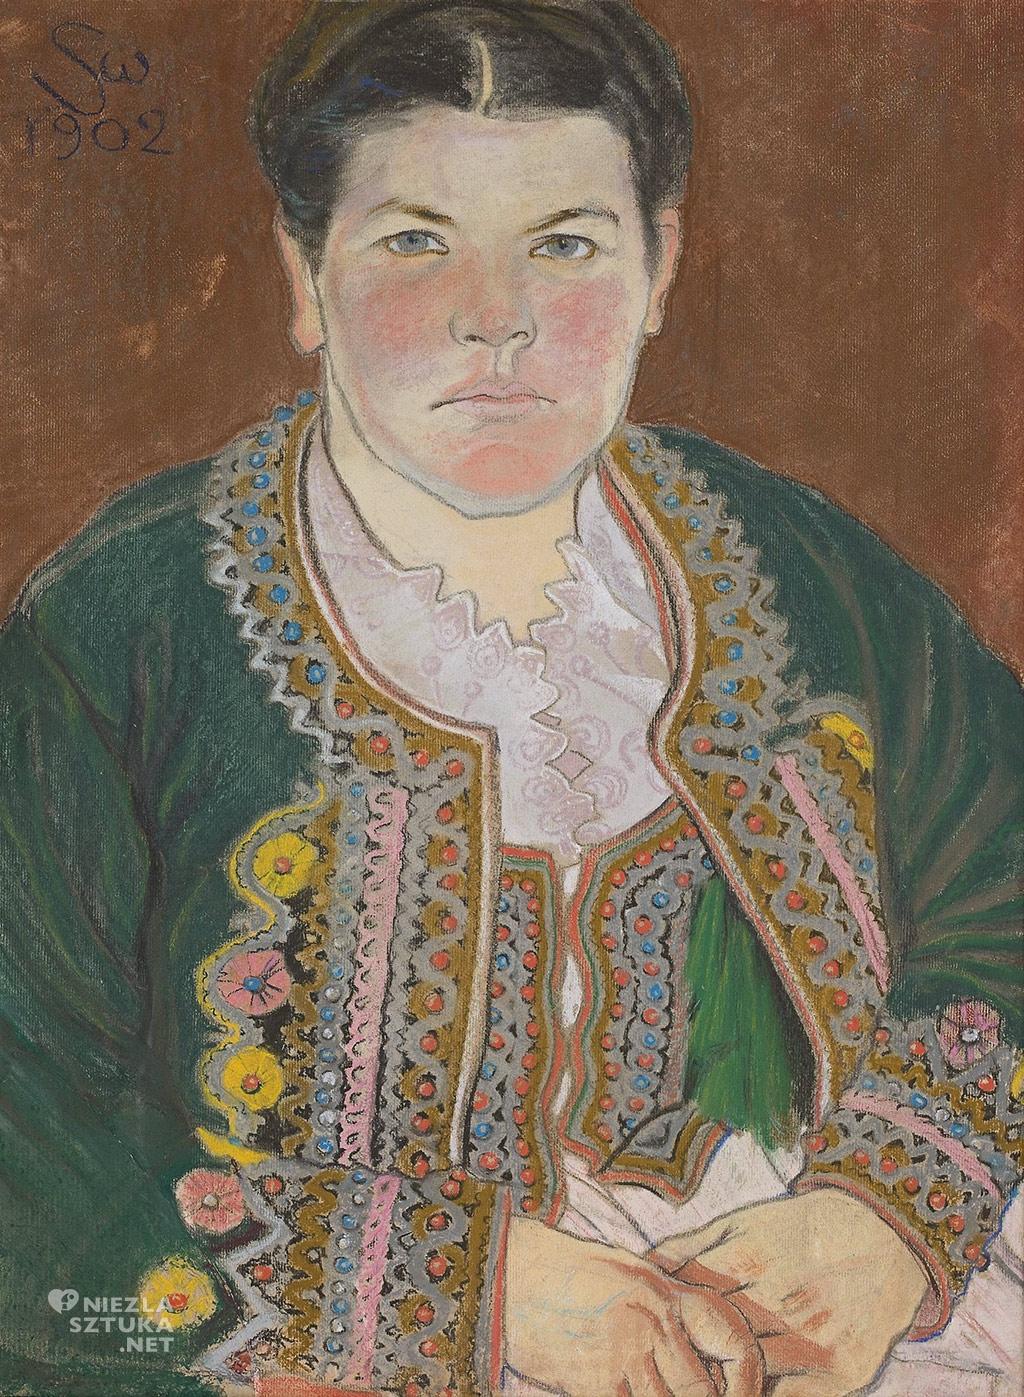 Stanisław Wyspiański, Teofila Pytko, Teodora Pytko, Portret żony w serdaku, 1902, Muzeum Narodowe w Warszawie, Niezła sztuka